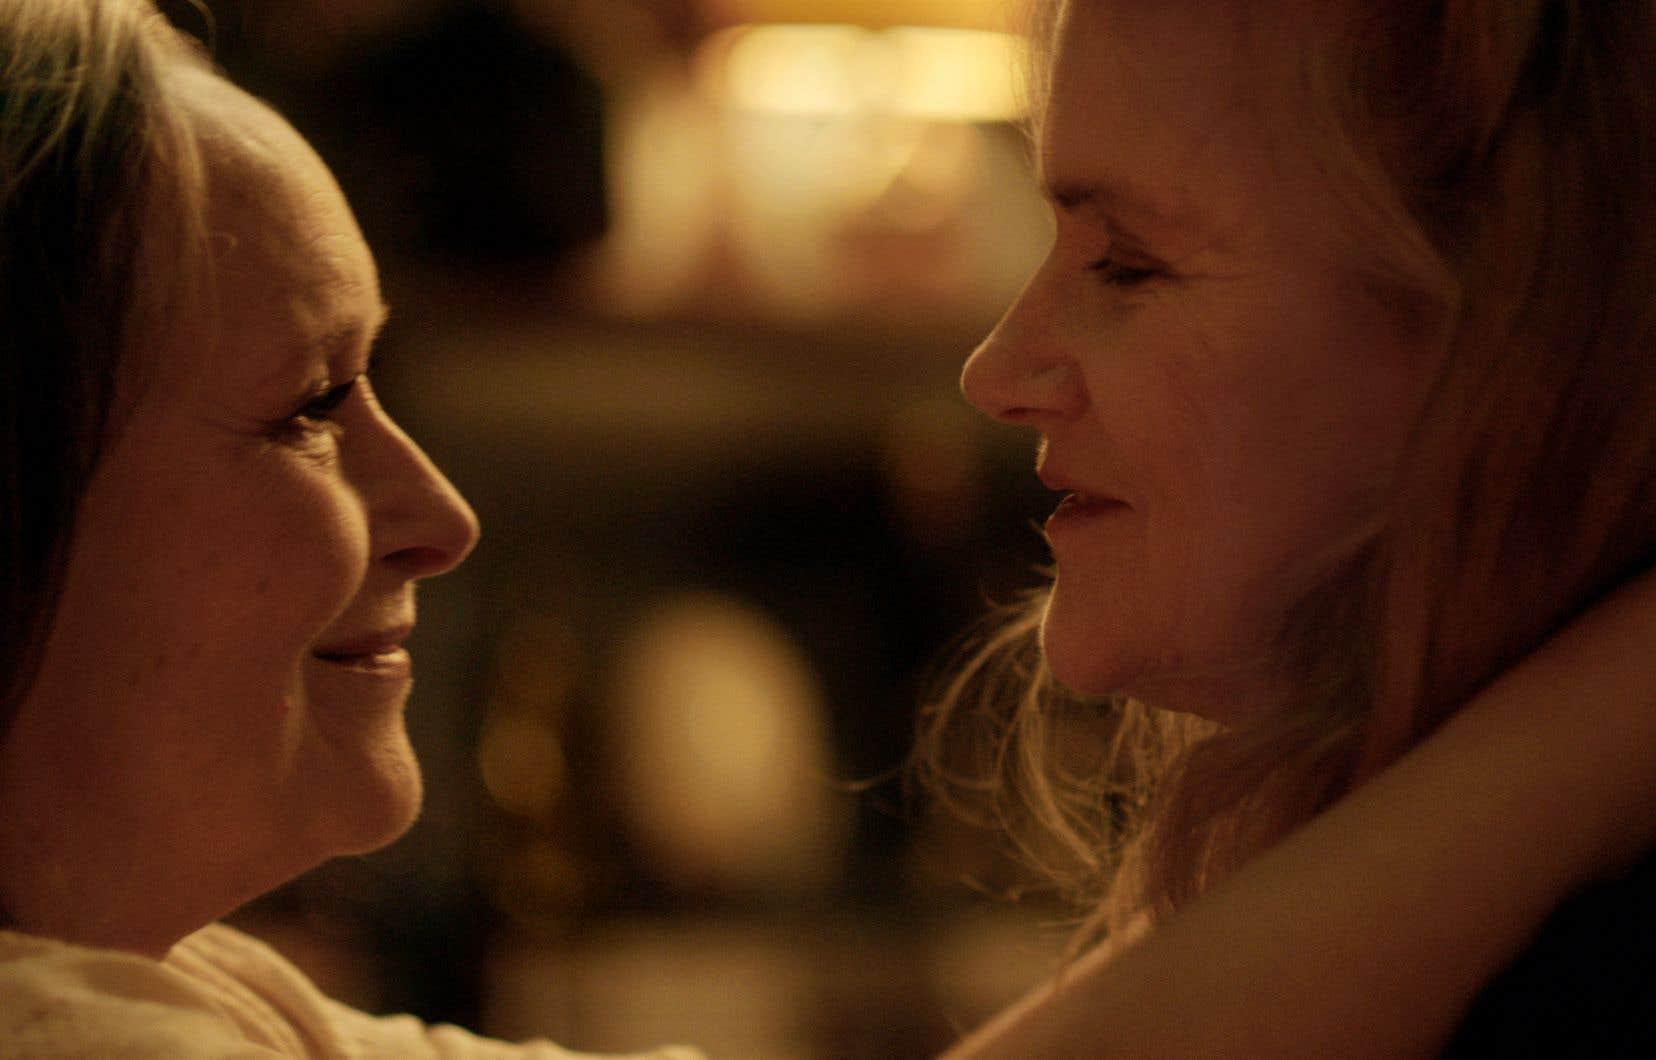 Aux derniers prix Lumière, le prix d'interprétation a été décerné aux actrices de «Deux»; Martine Chevallier en femme qui s'enfonce dans la démence et Barbara Sukova en compagne qui veut s'en occuper.